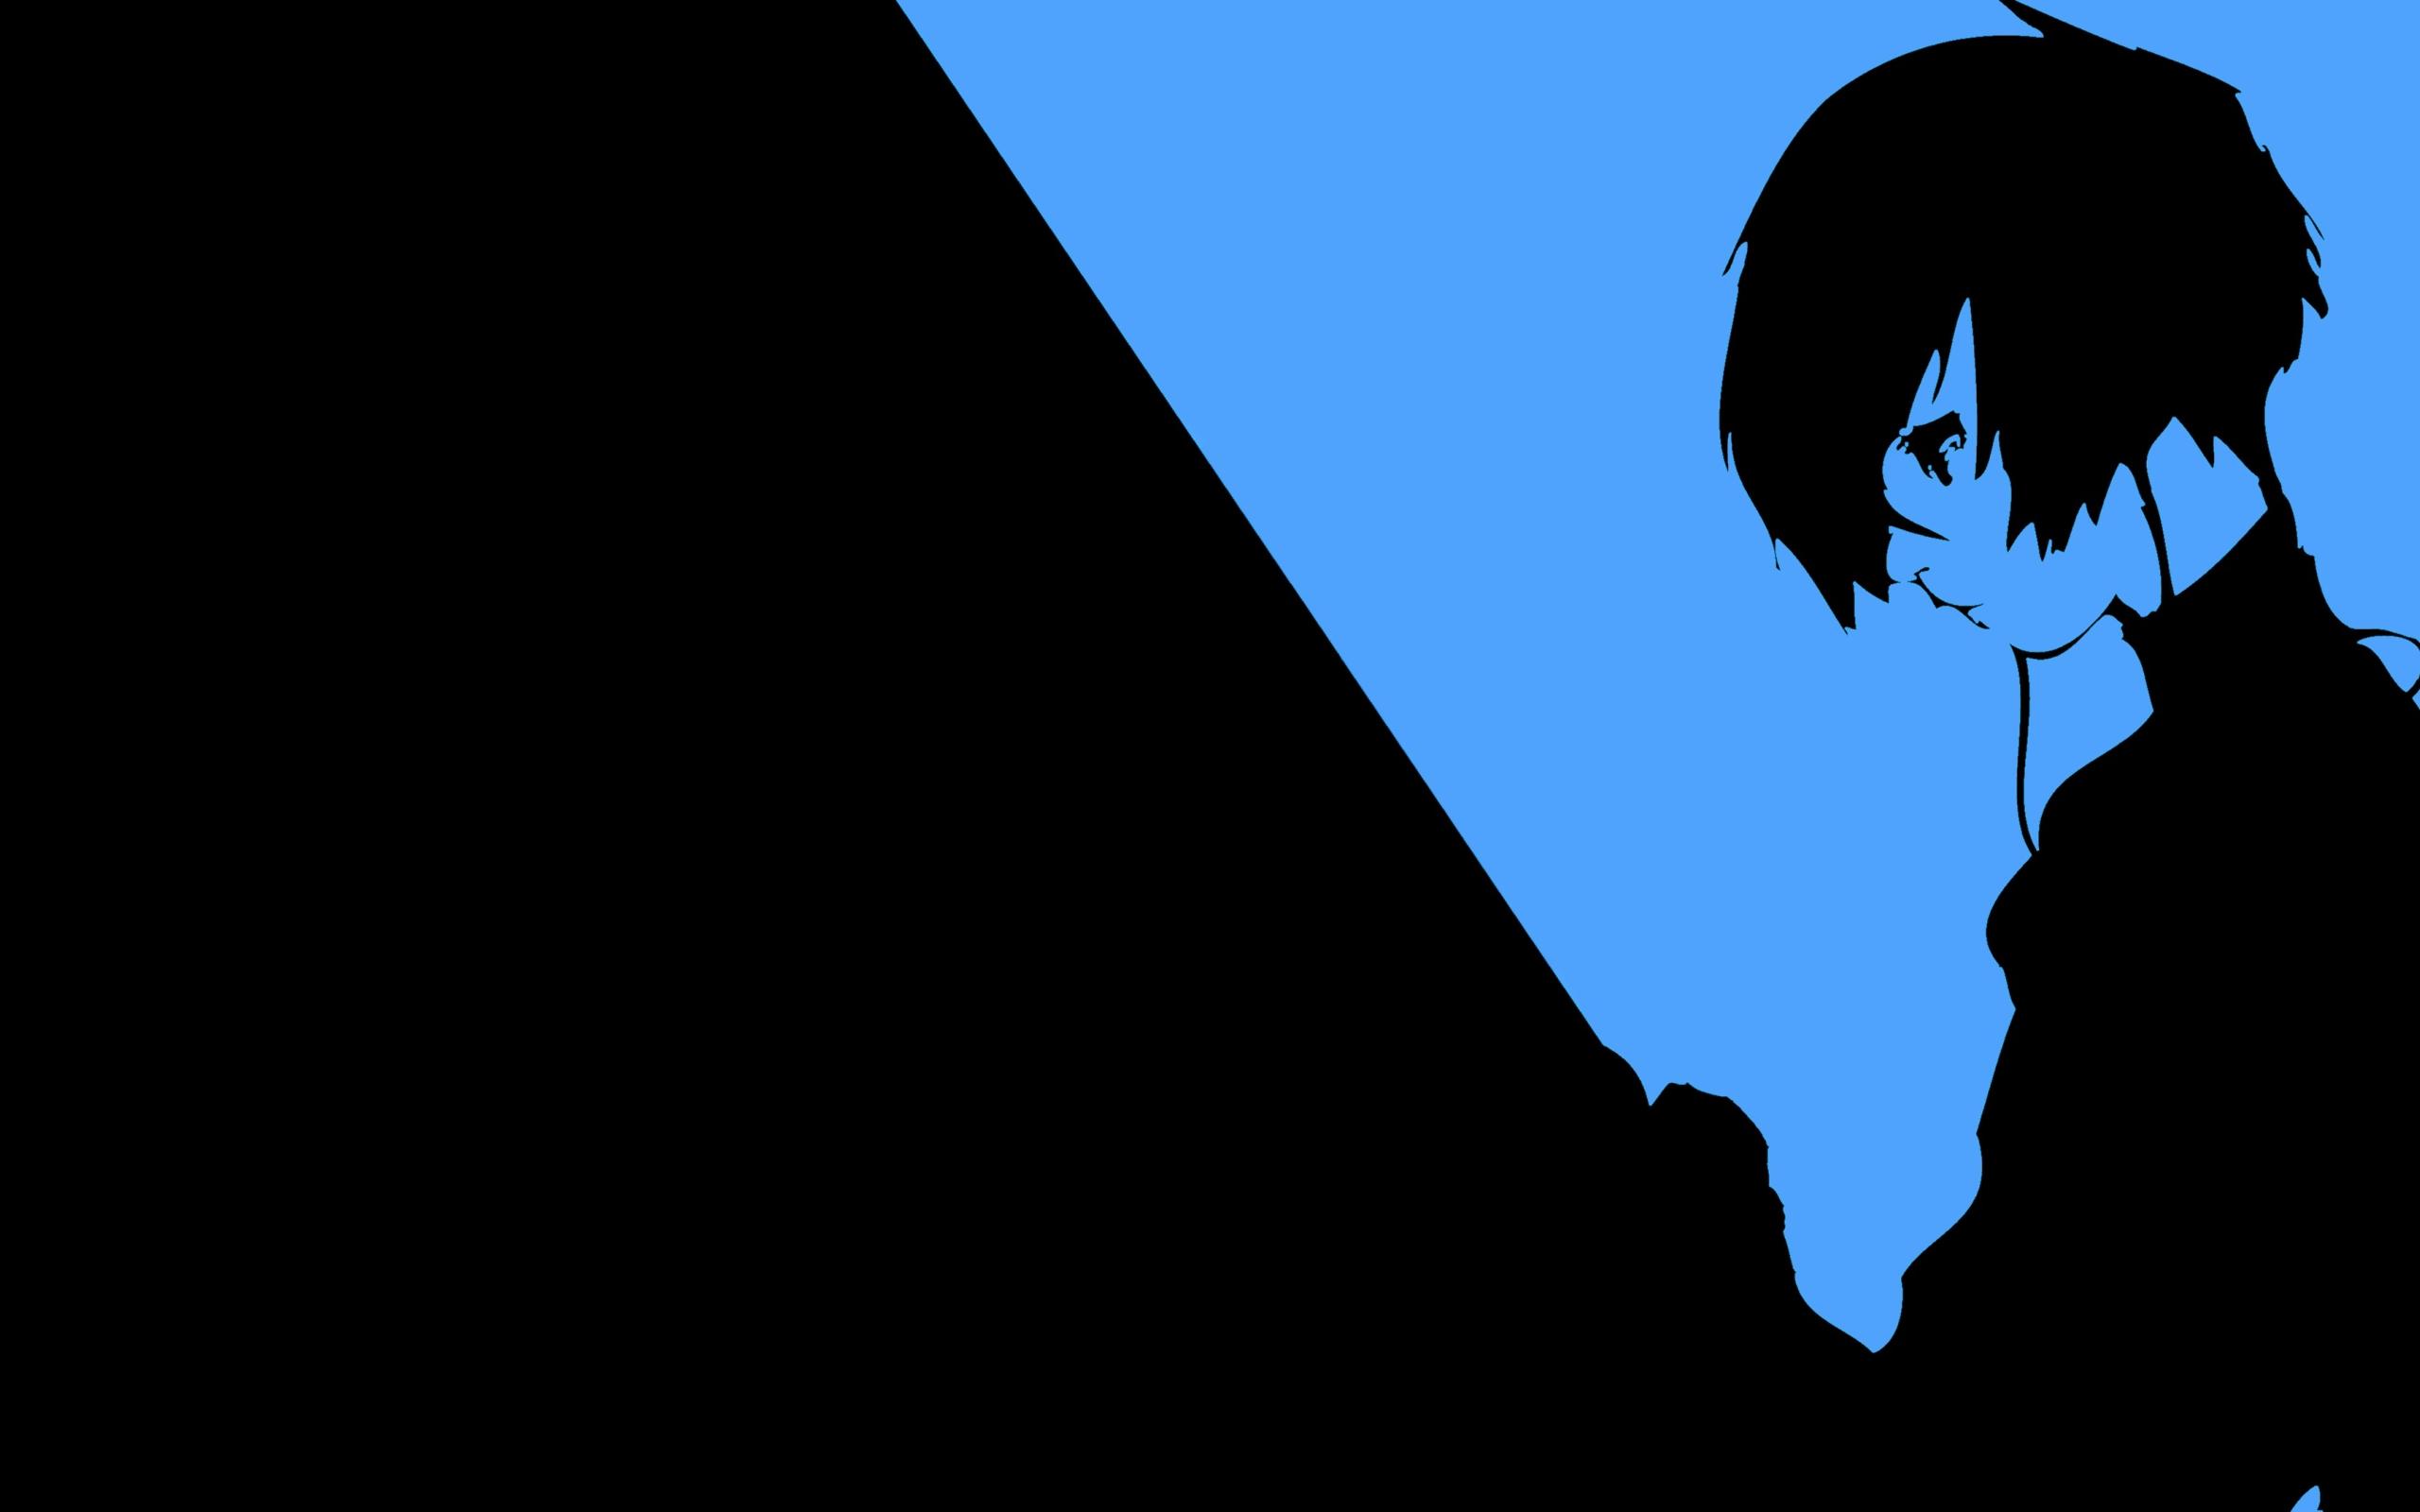 Persona 3 Wallpaper 4k: Minato Arisato Protagonist Persona 3, HD 4K Wallpaper